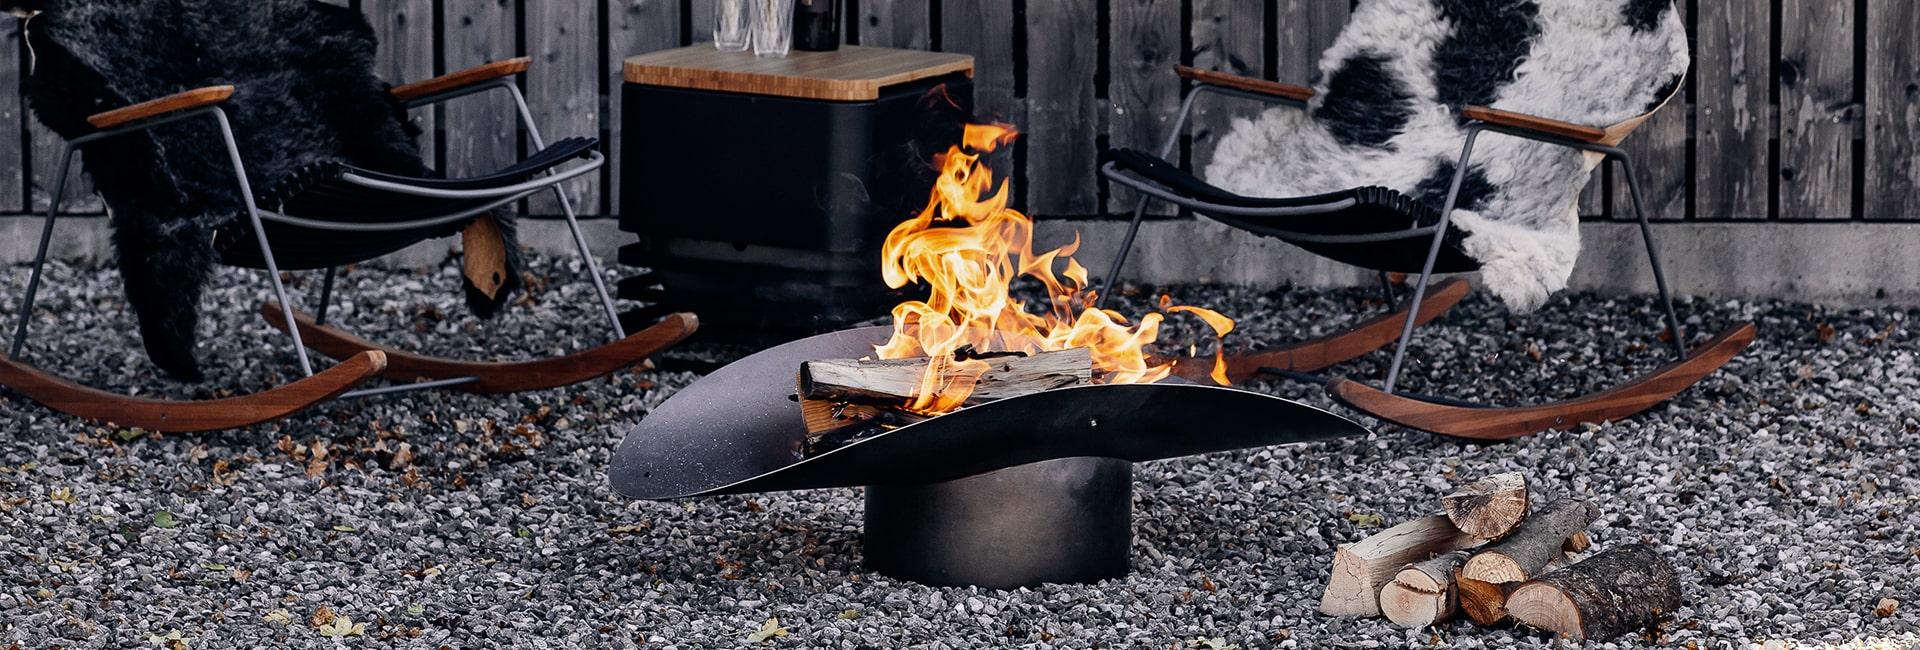 Grills & Feuerschalen